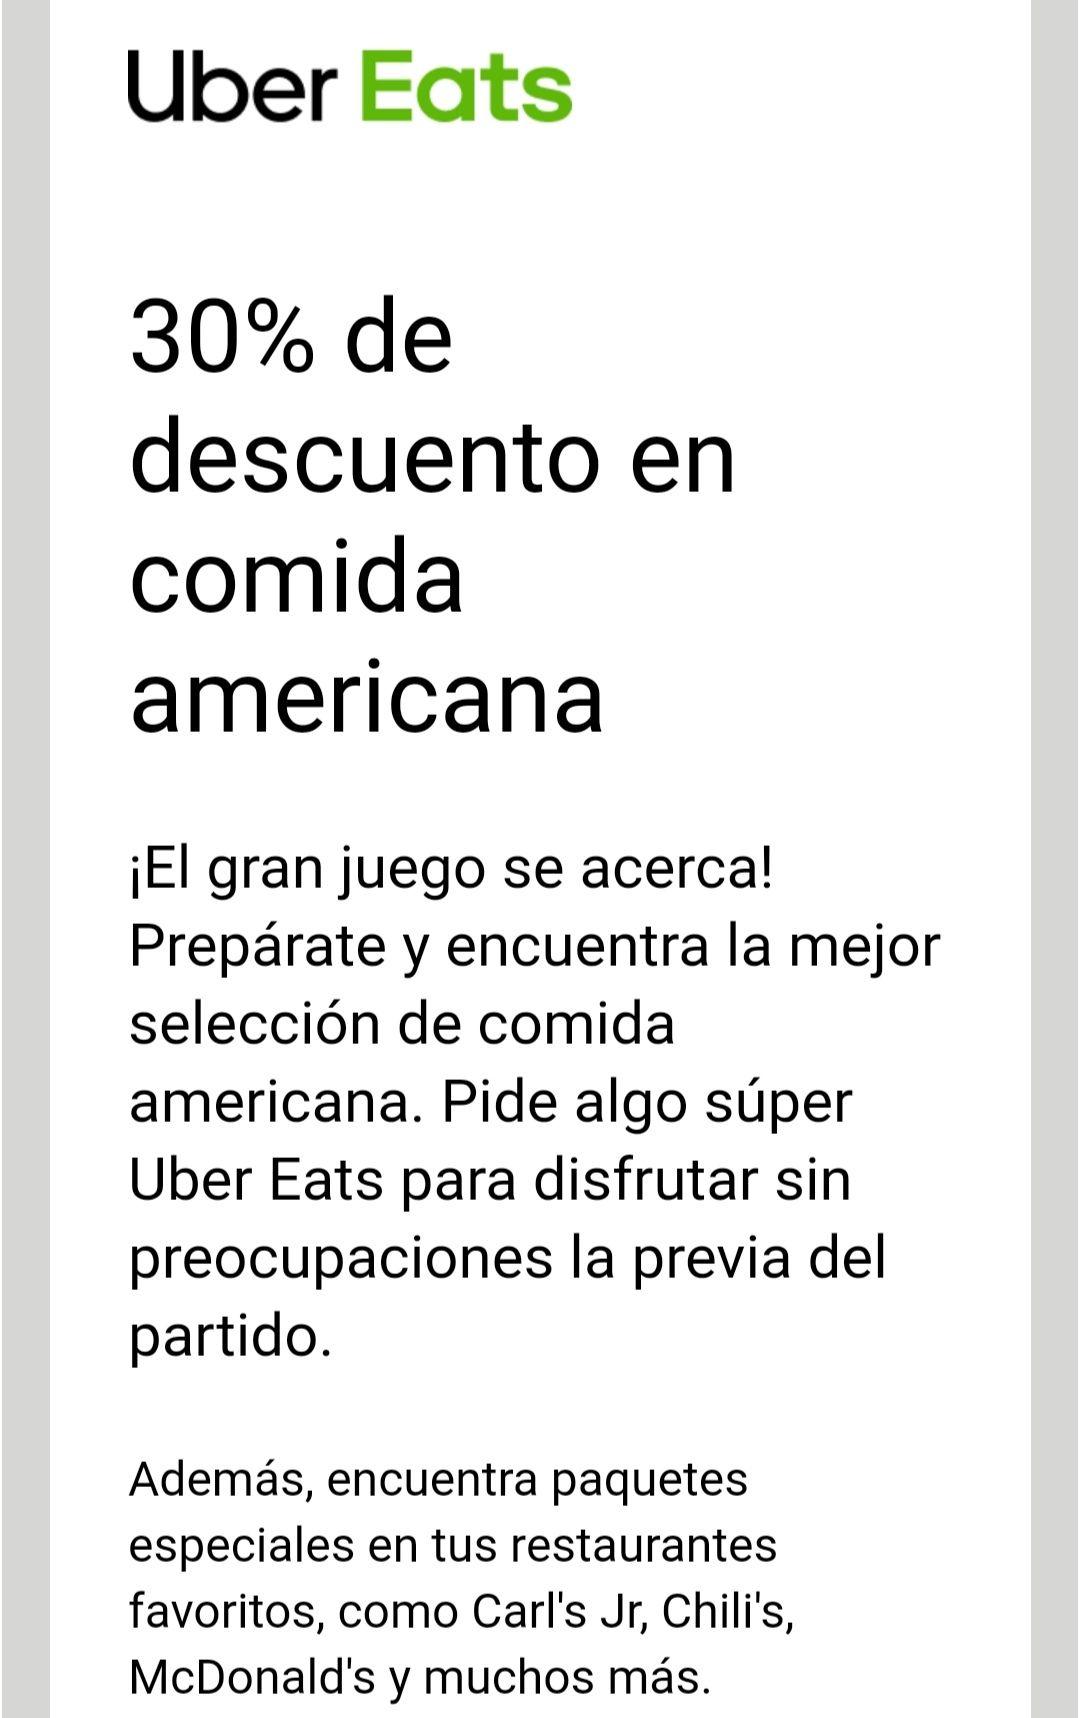 Uber Eats: 30% de Descuento en comida